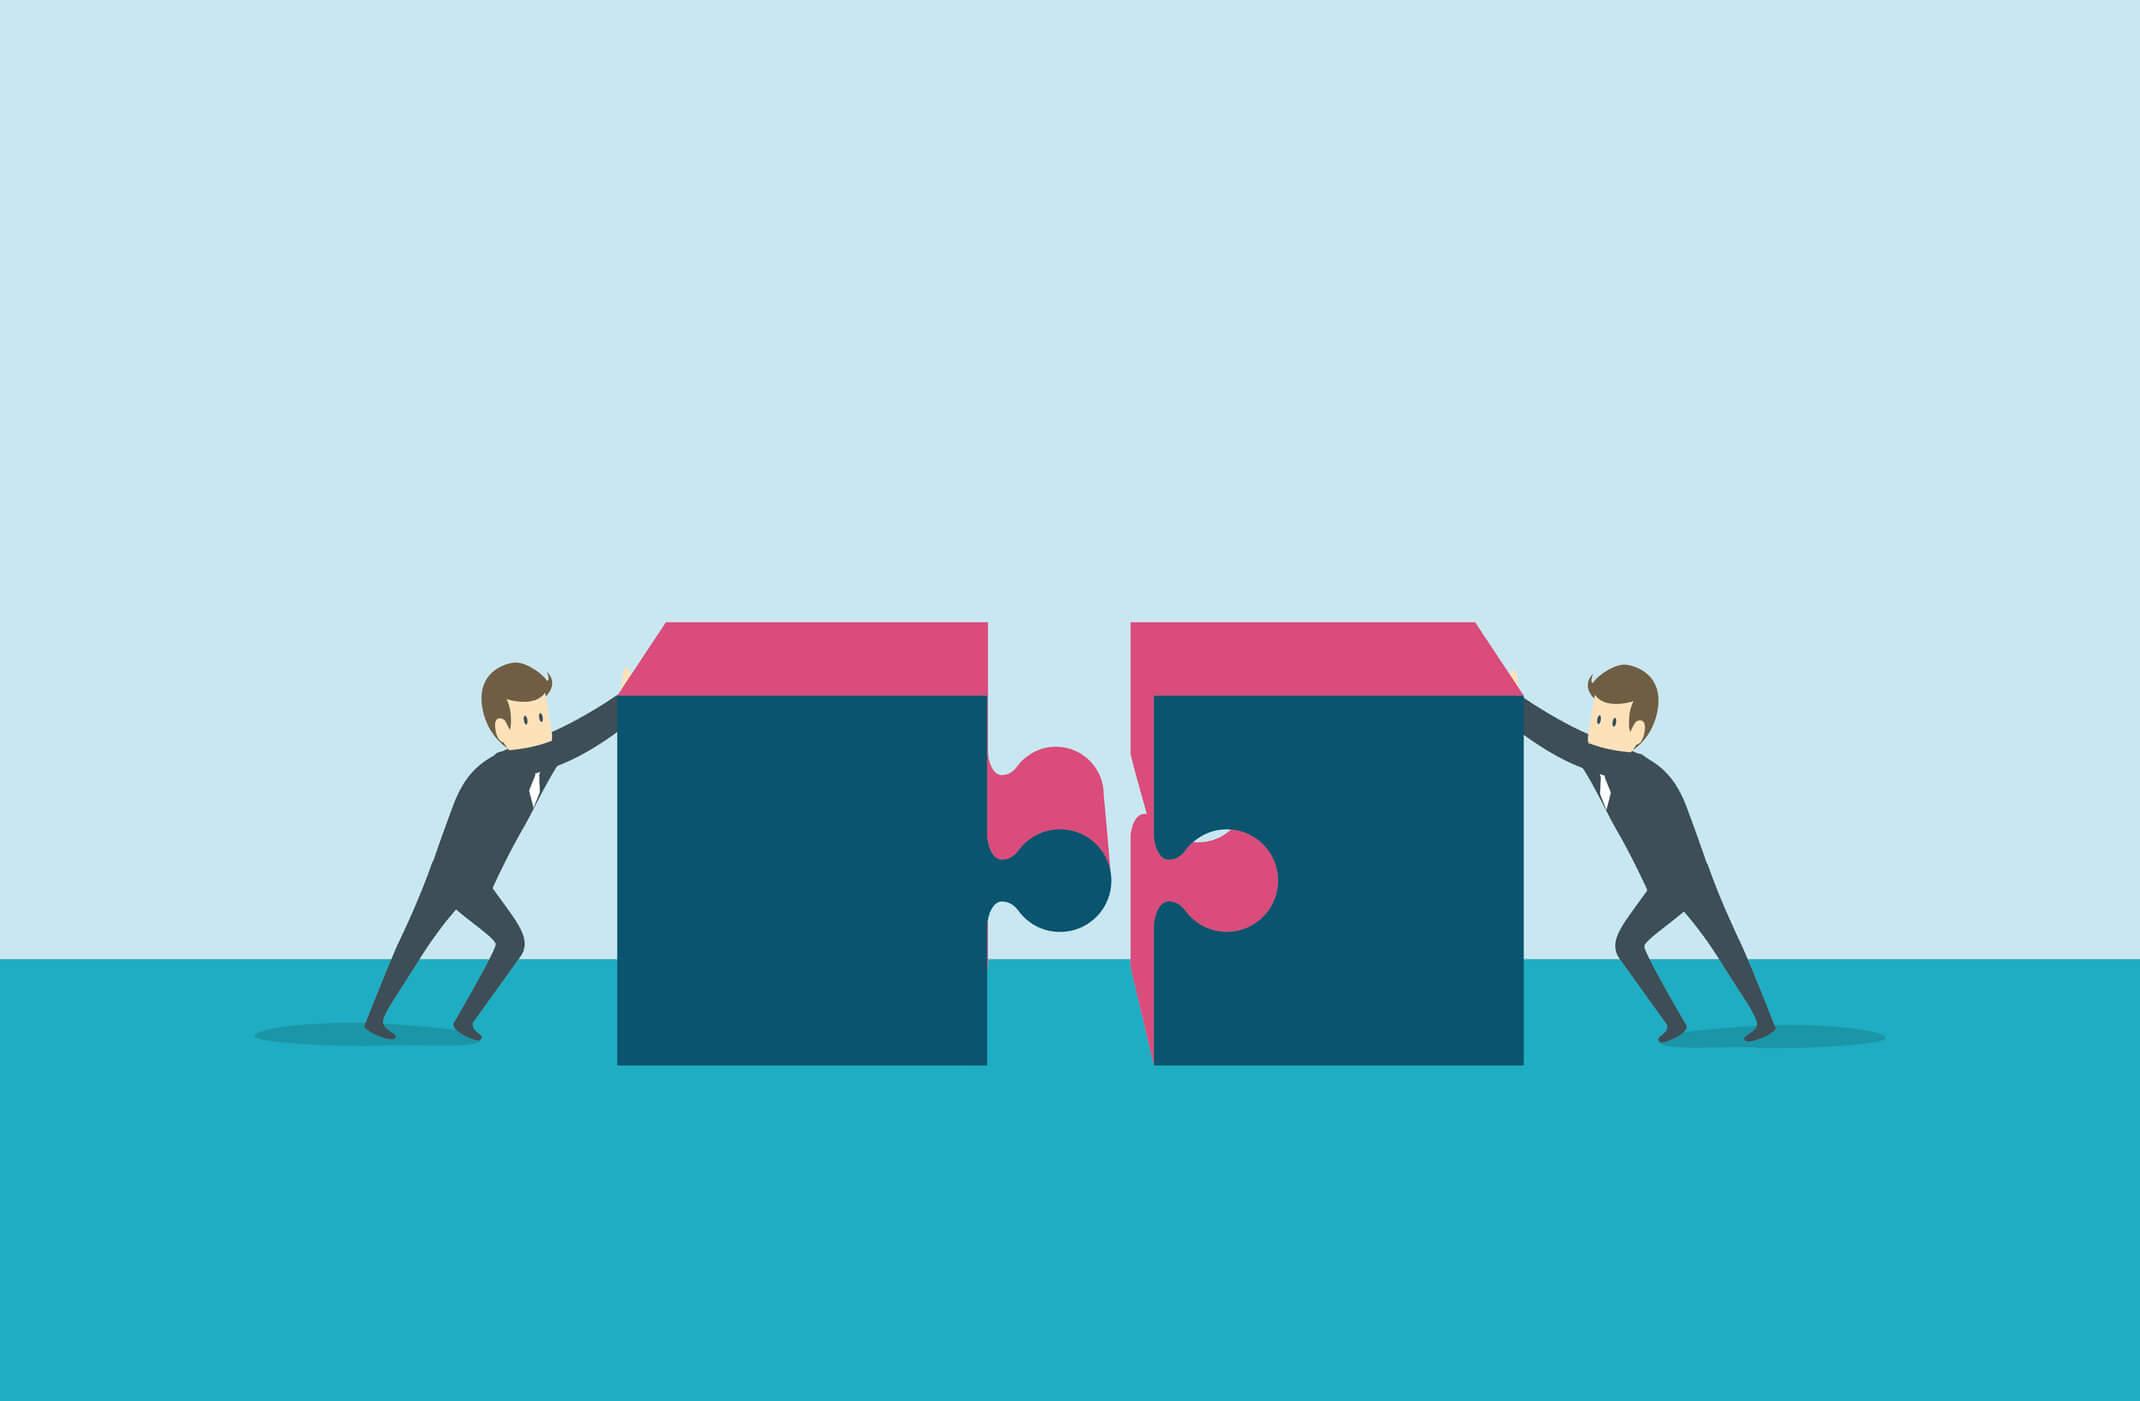 Cultura organizacional nas empresas: por que é tão importante?